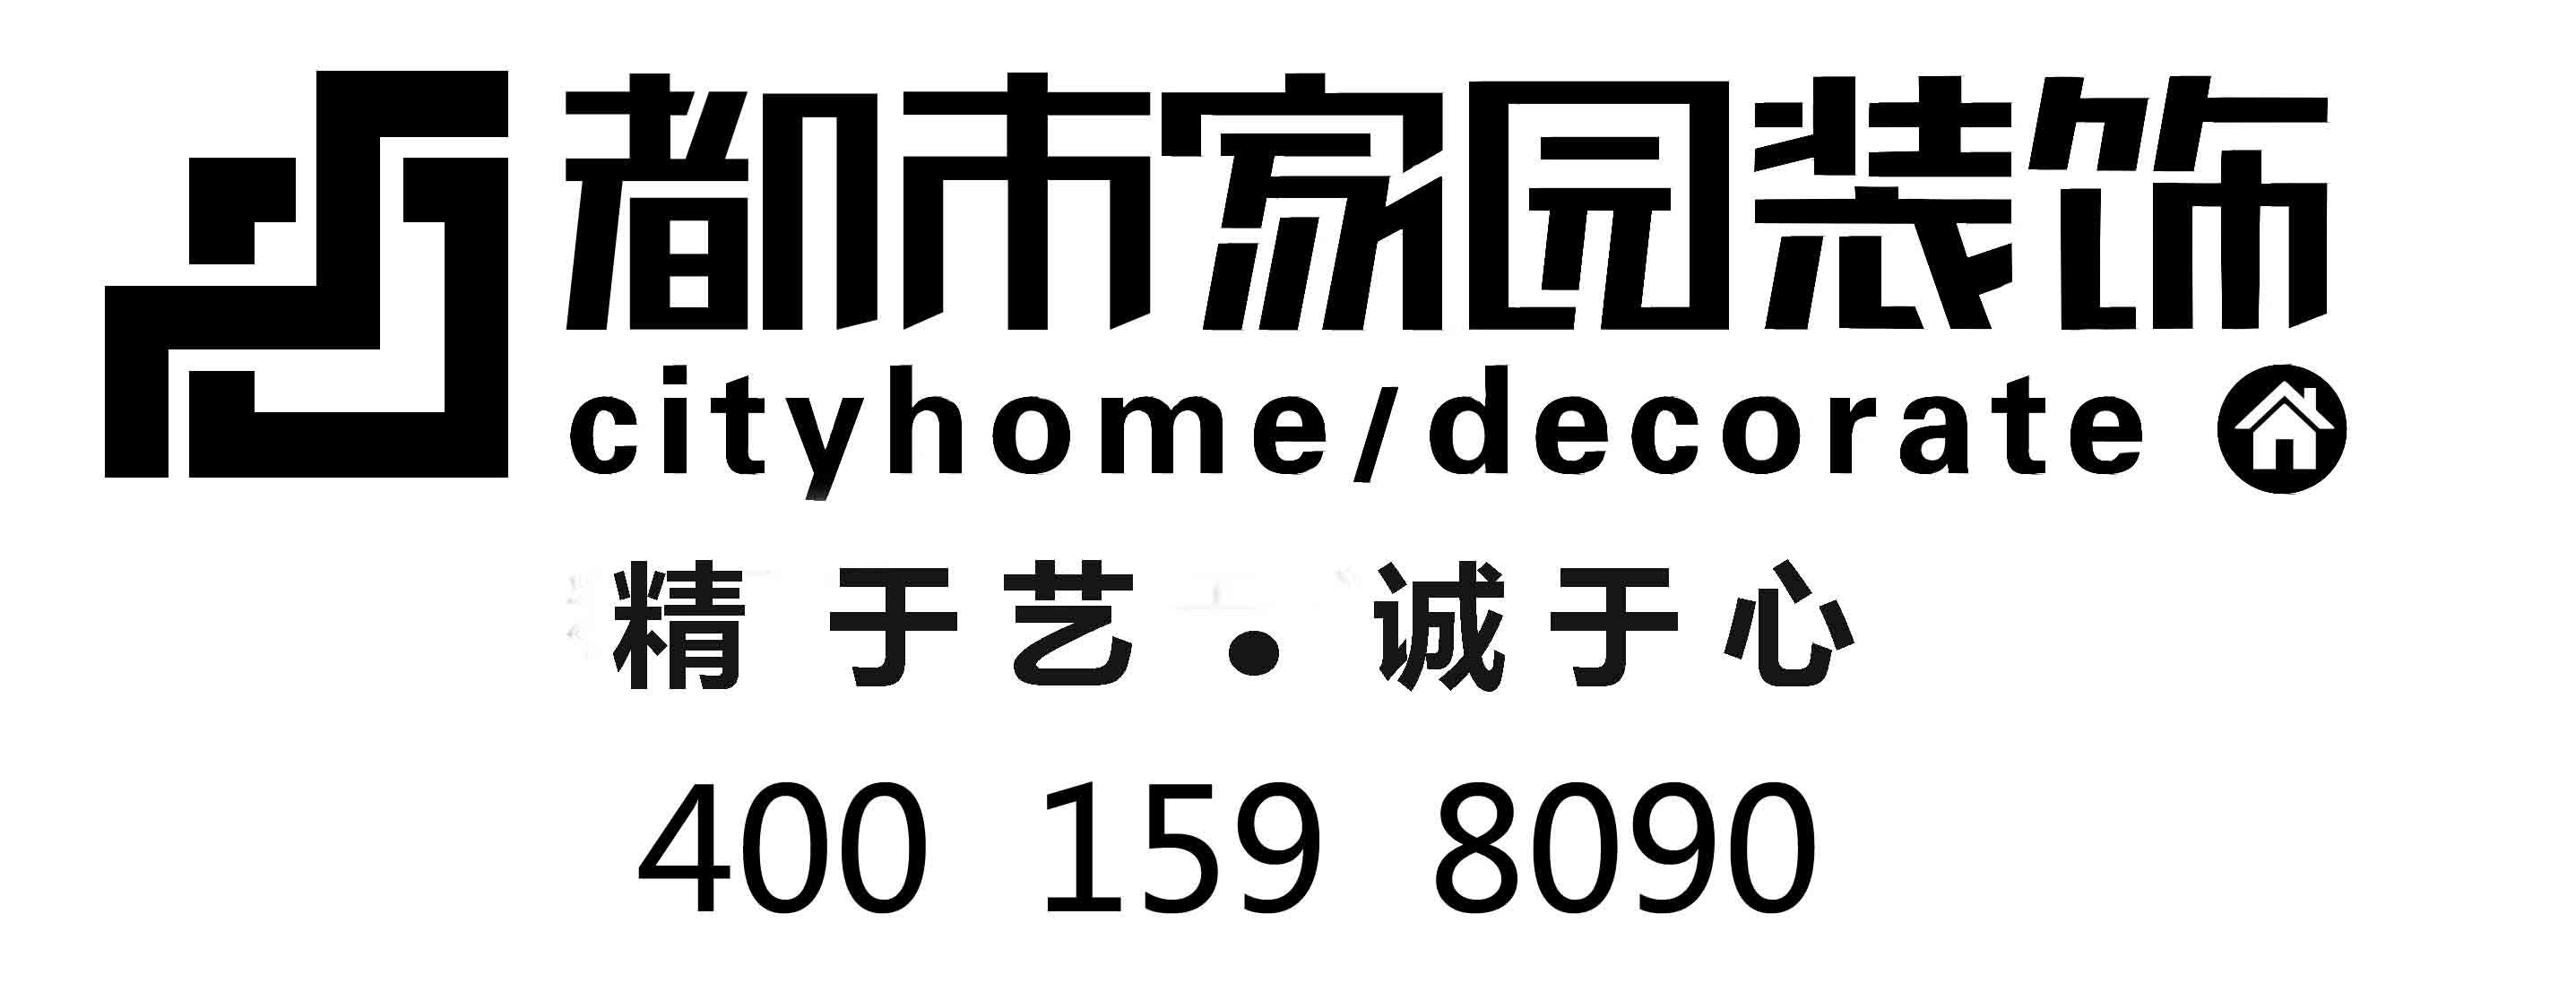 天津市都市家园装饰